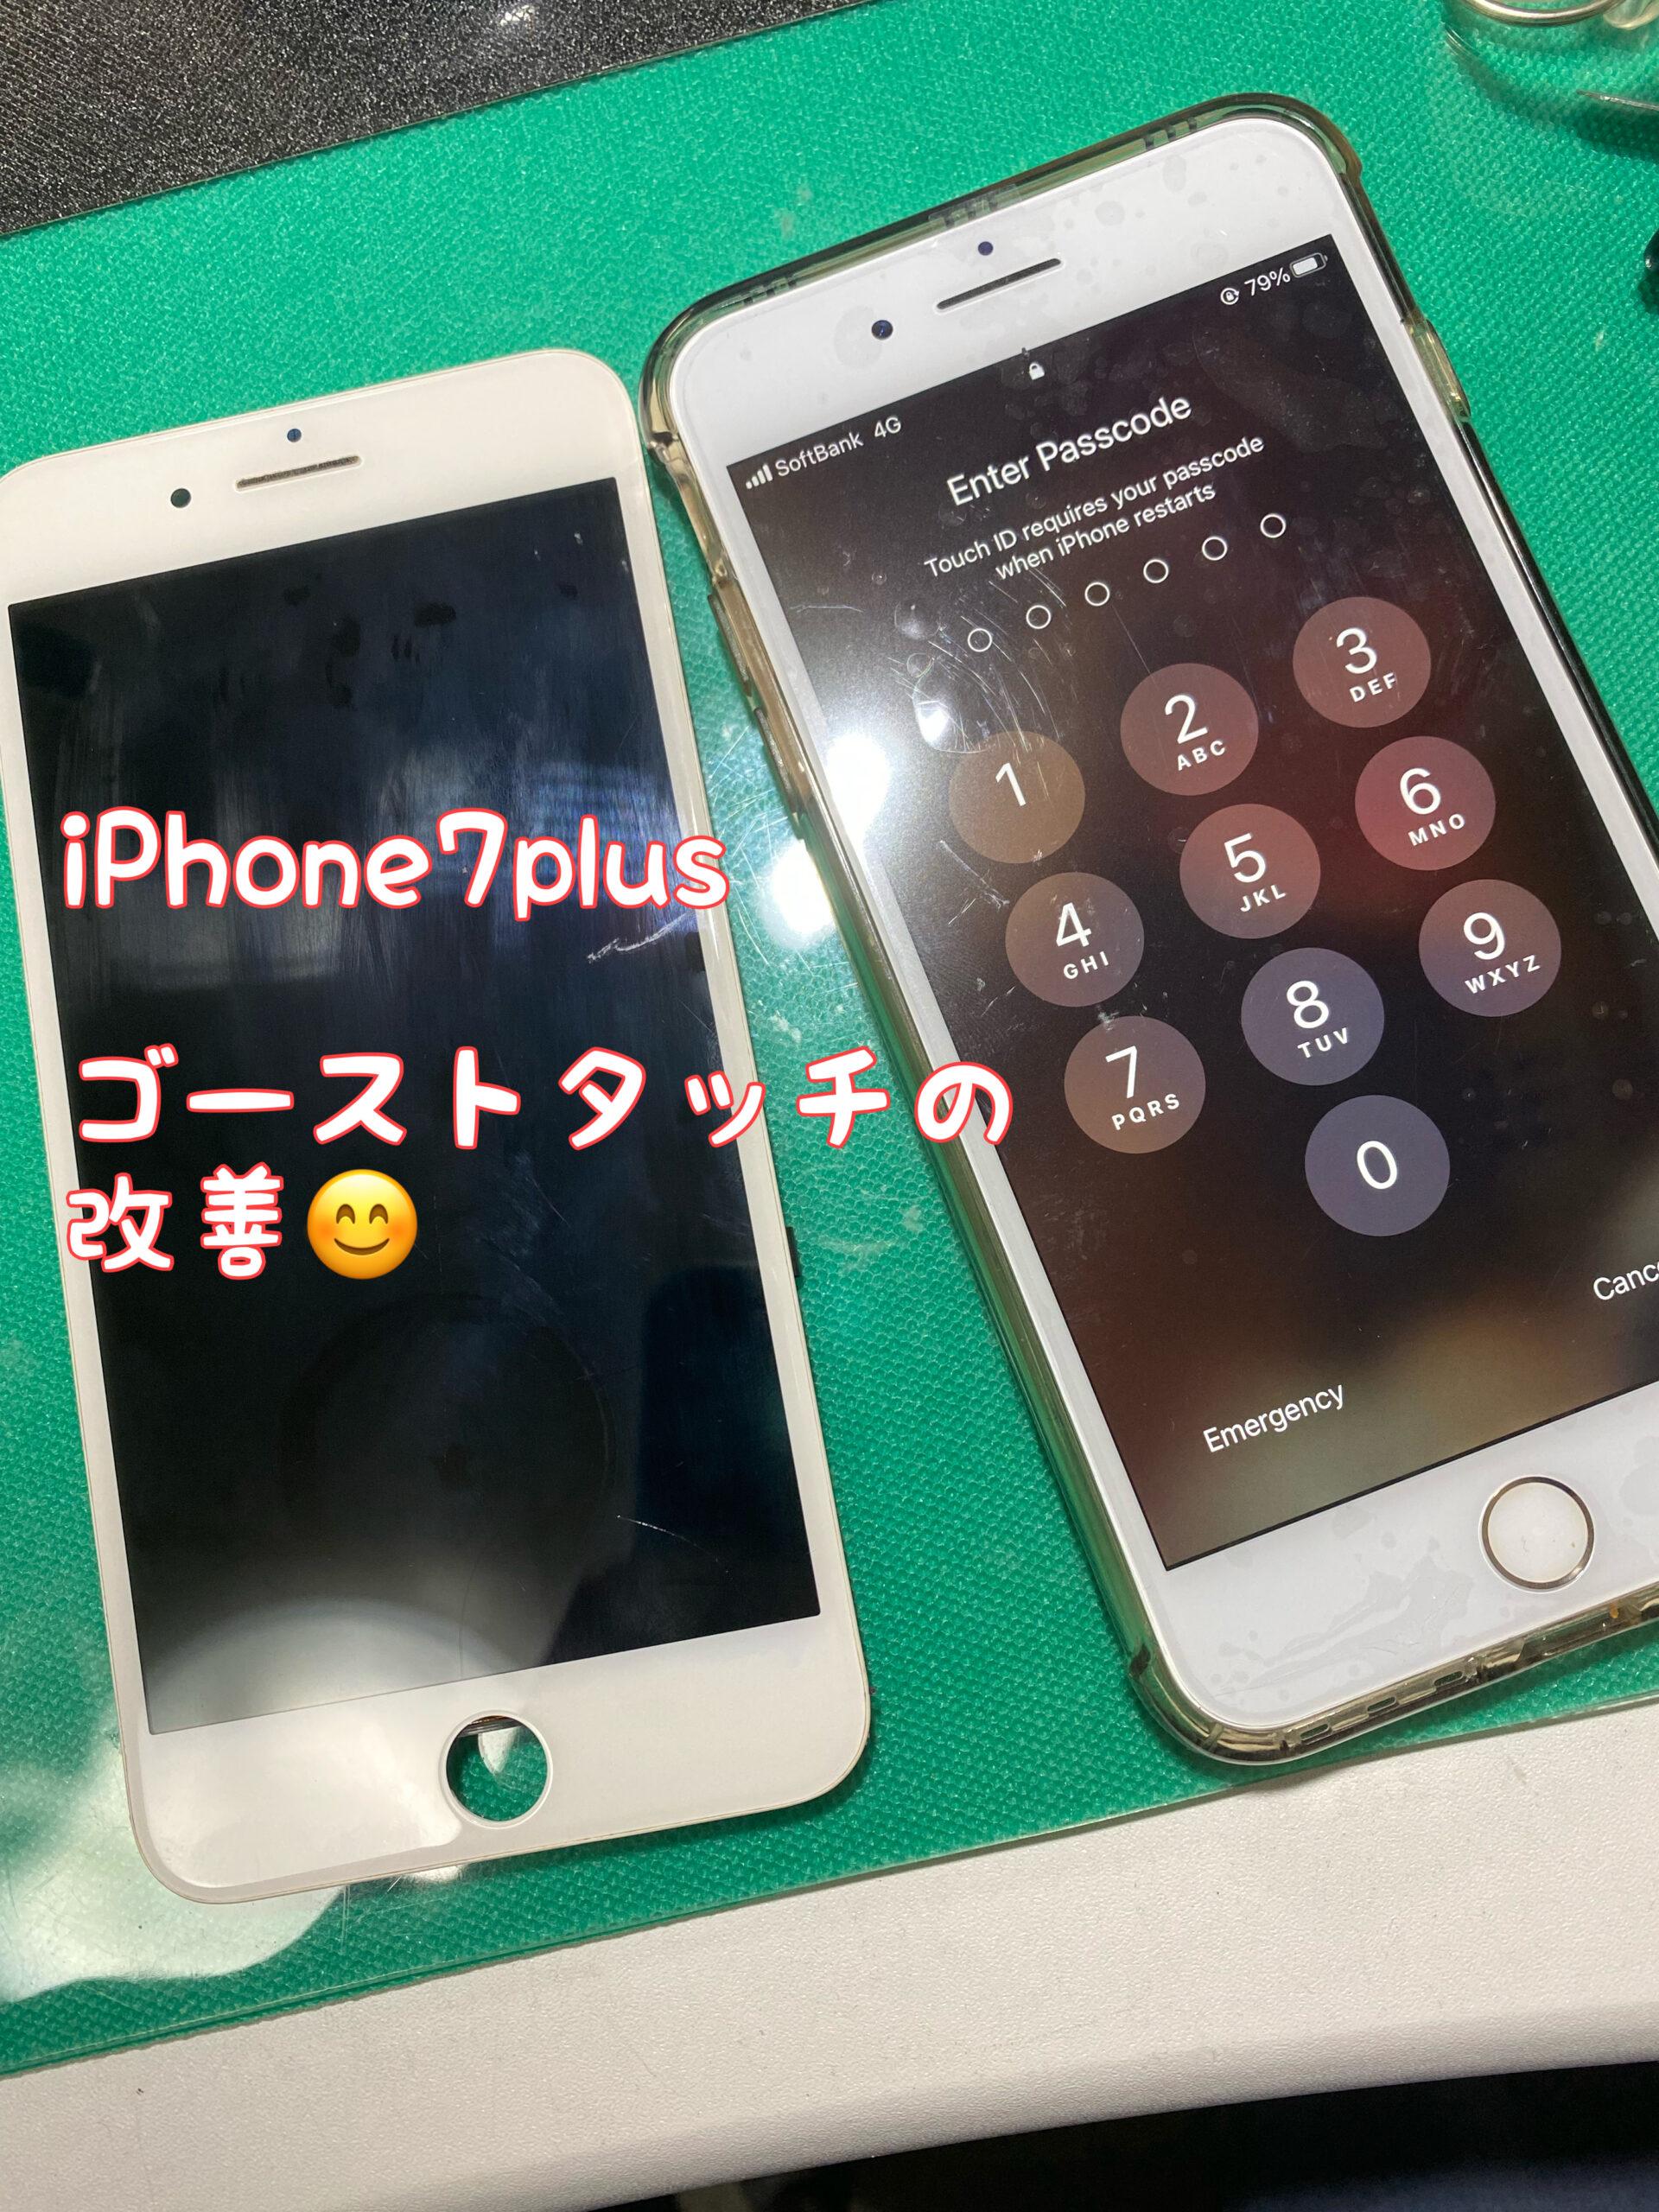 iPhone修理 iPhone12 iPhone13 ドンキホーテ 大口町 江南市 一宮市 江南